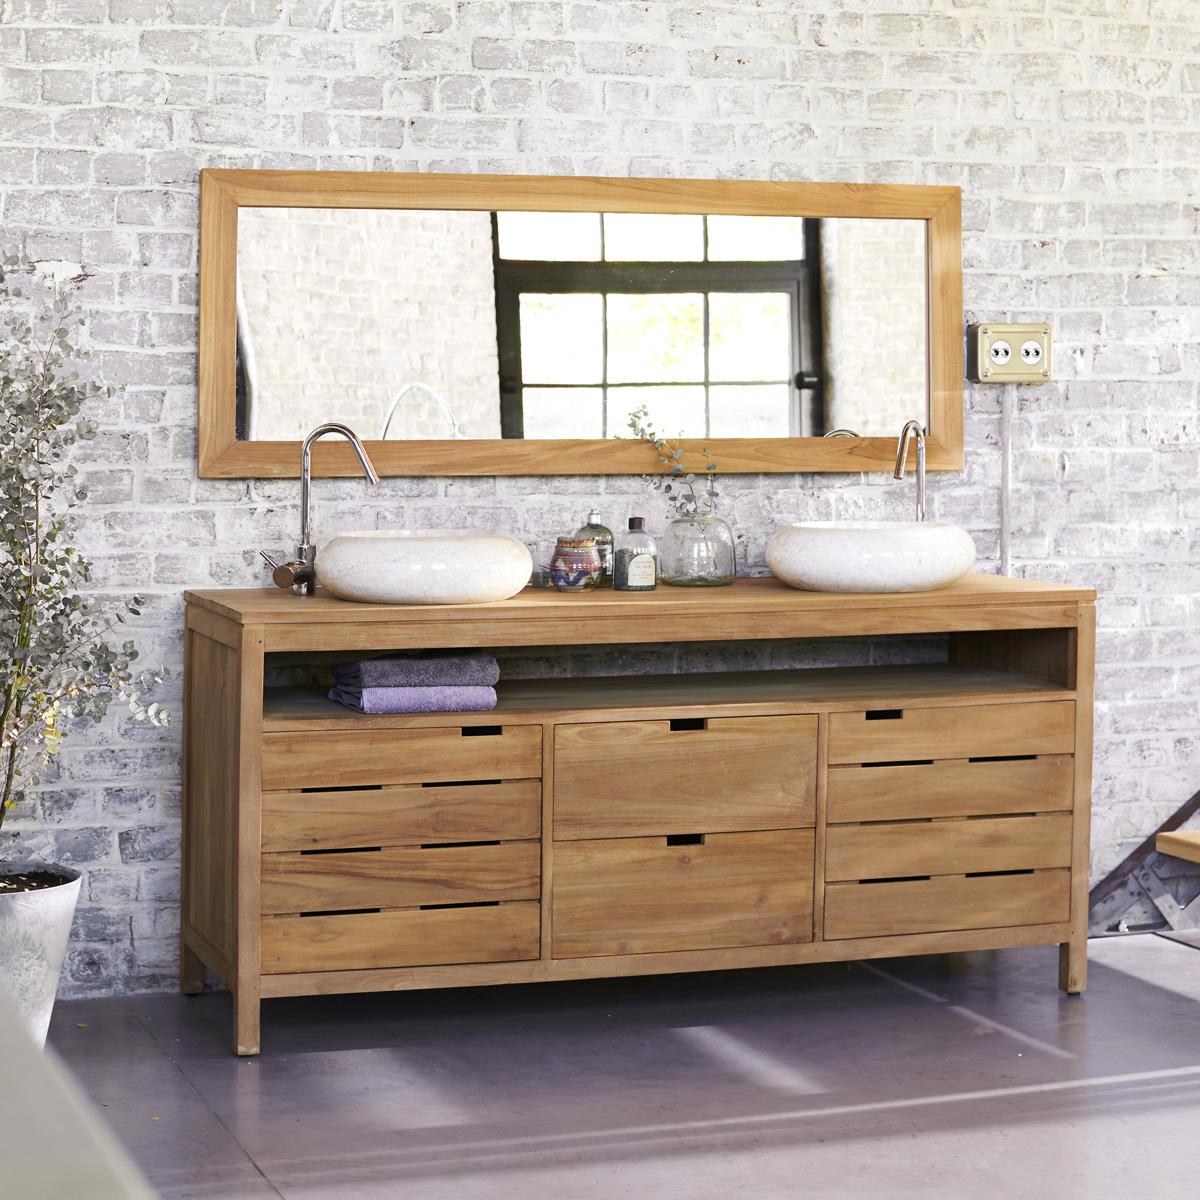 Fabriquer Meuble Salle De Bain Pas Cher Unique Image Meuble De Sdb but Mr Bricolage Bureau Blanc